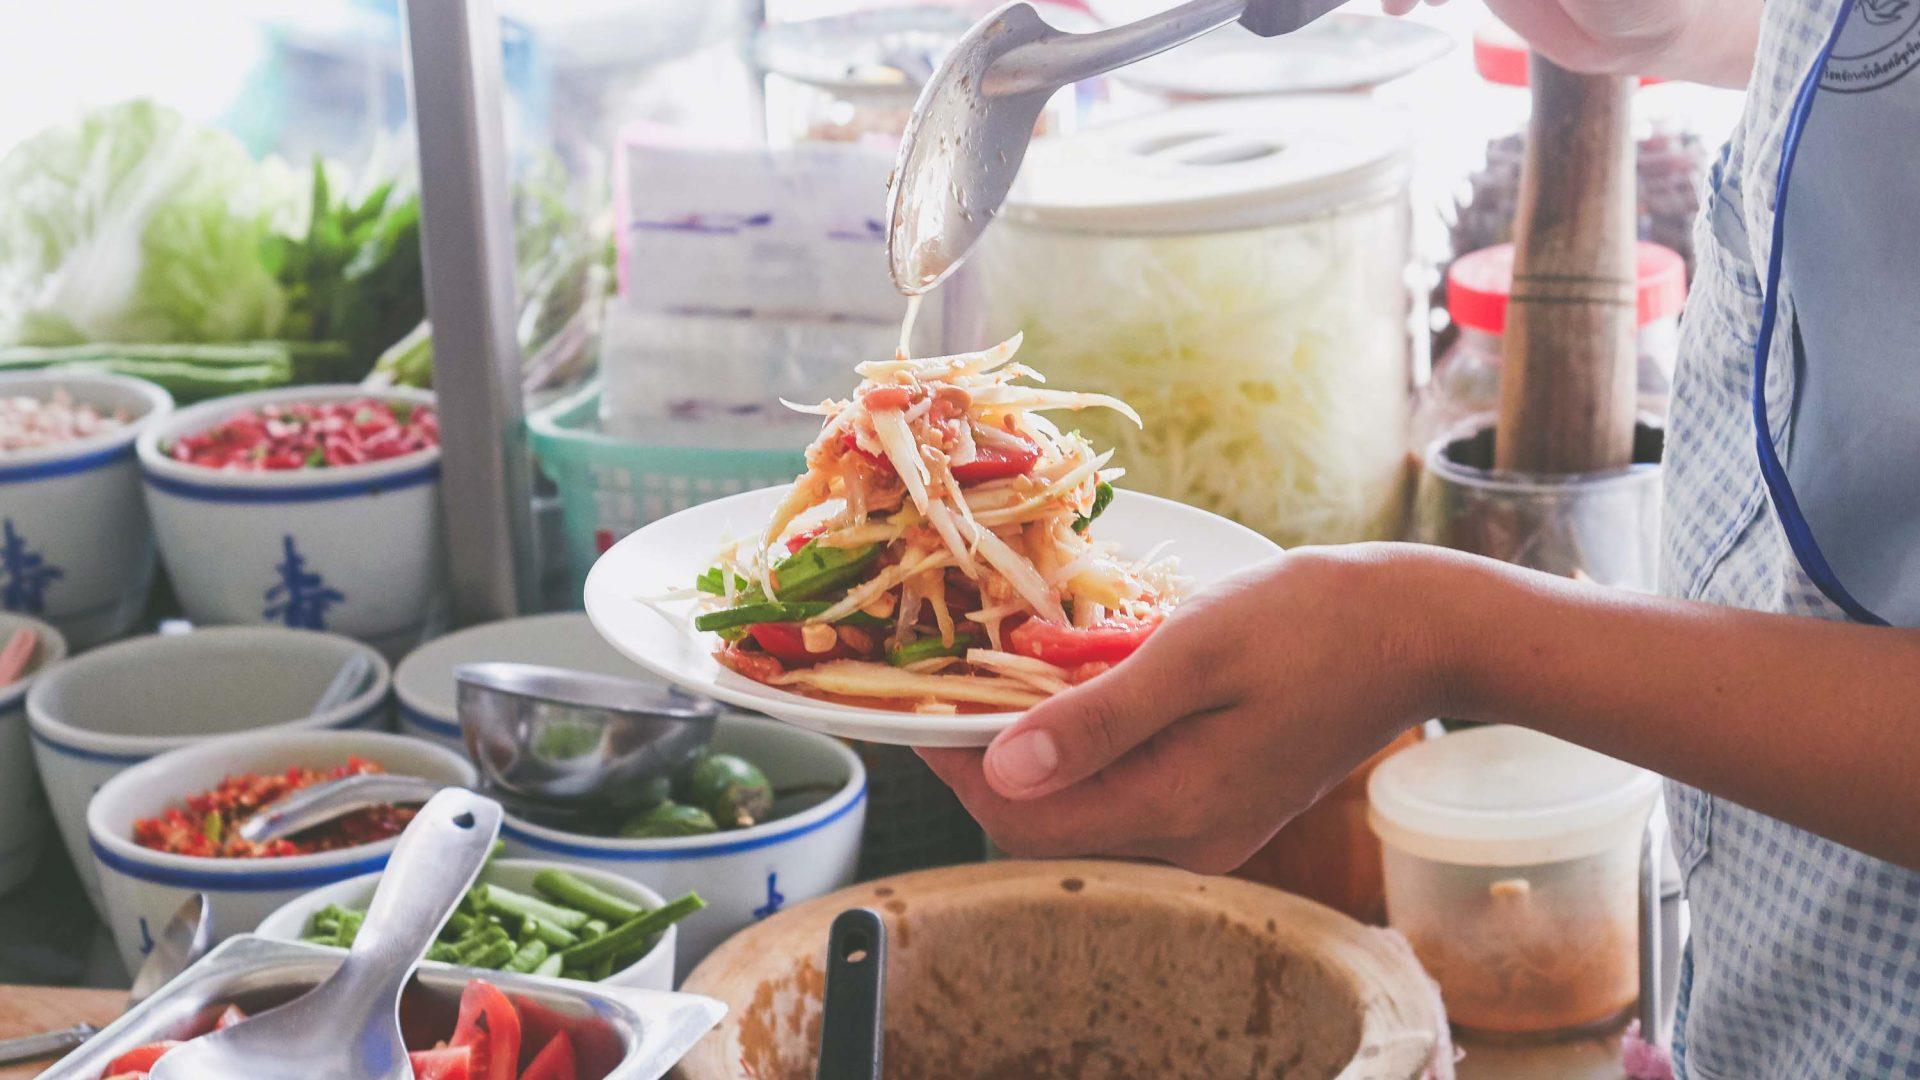 Chiang Mai street food: 51-year-old Malli Chaiya serves up papaya salad at her papaya salad stall 'Toy Roszab' on Chiang Mai's Kampangdin Road, Chiang Mai.